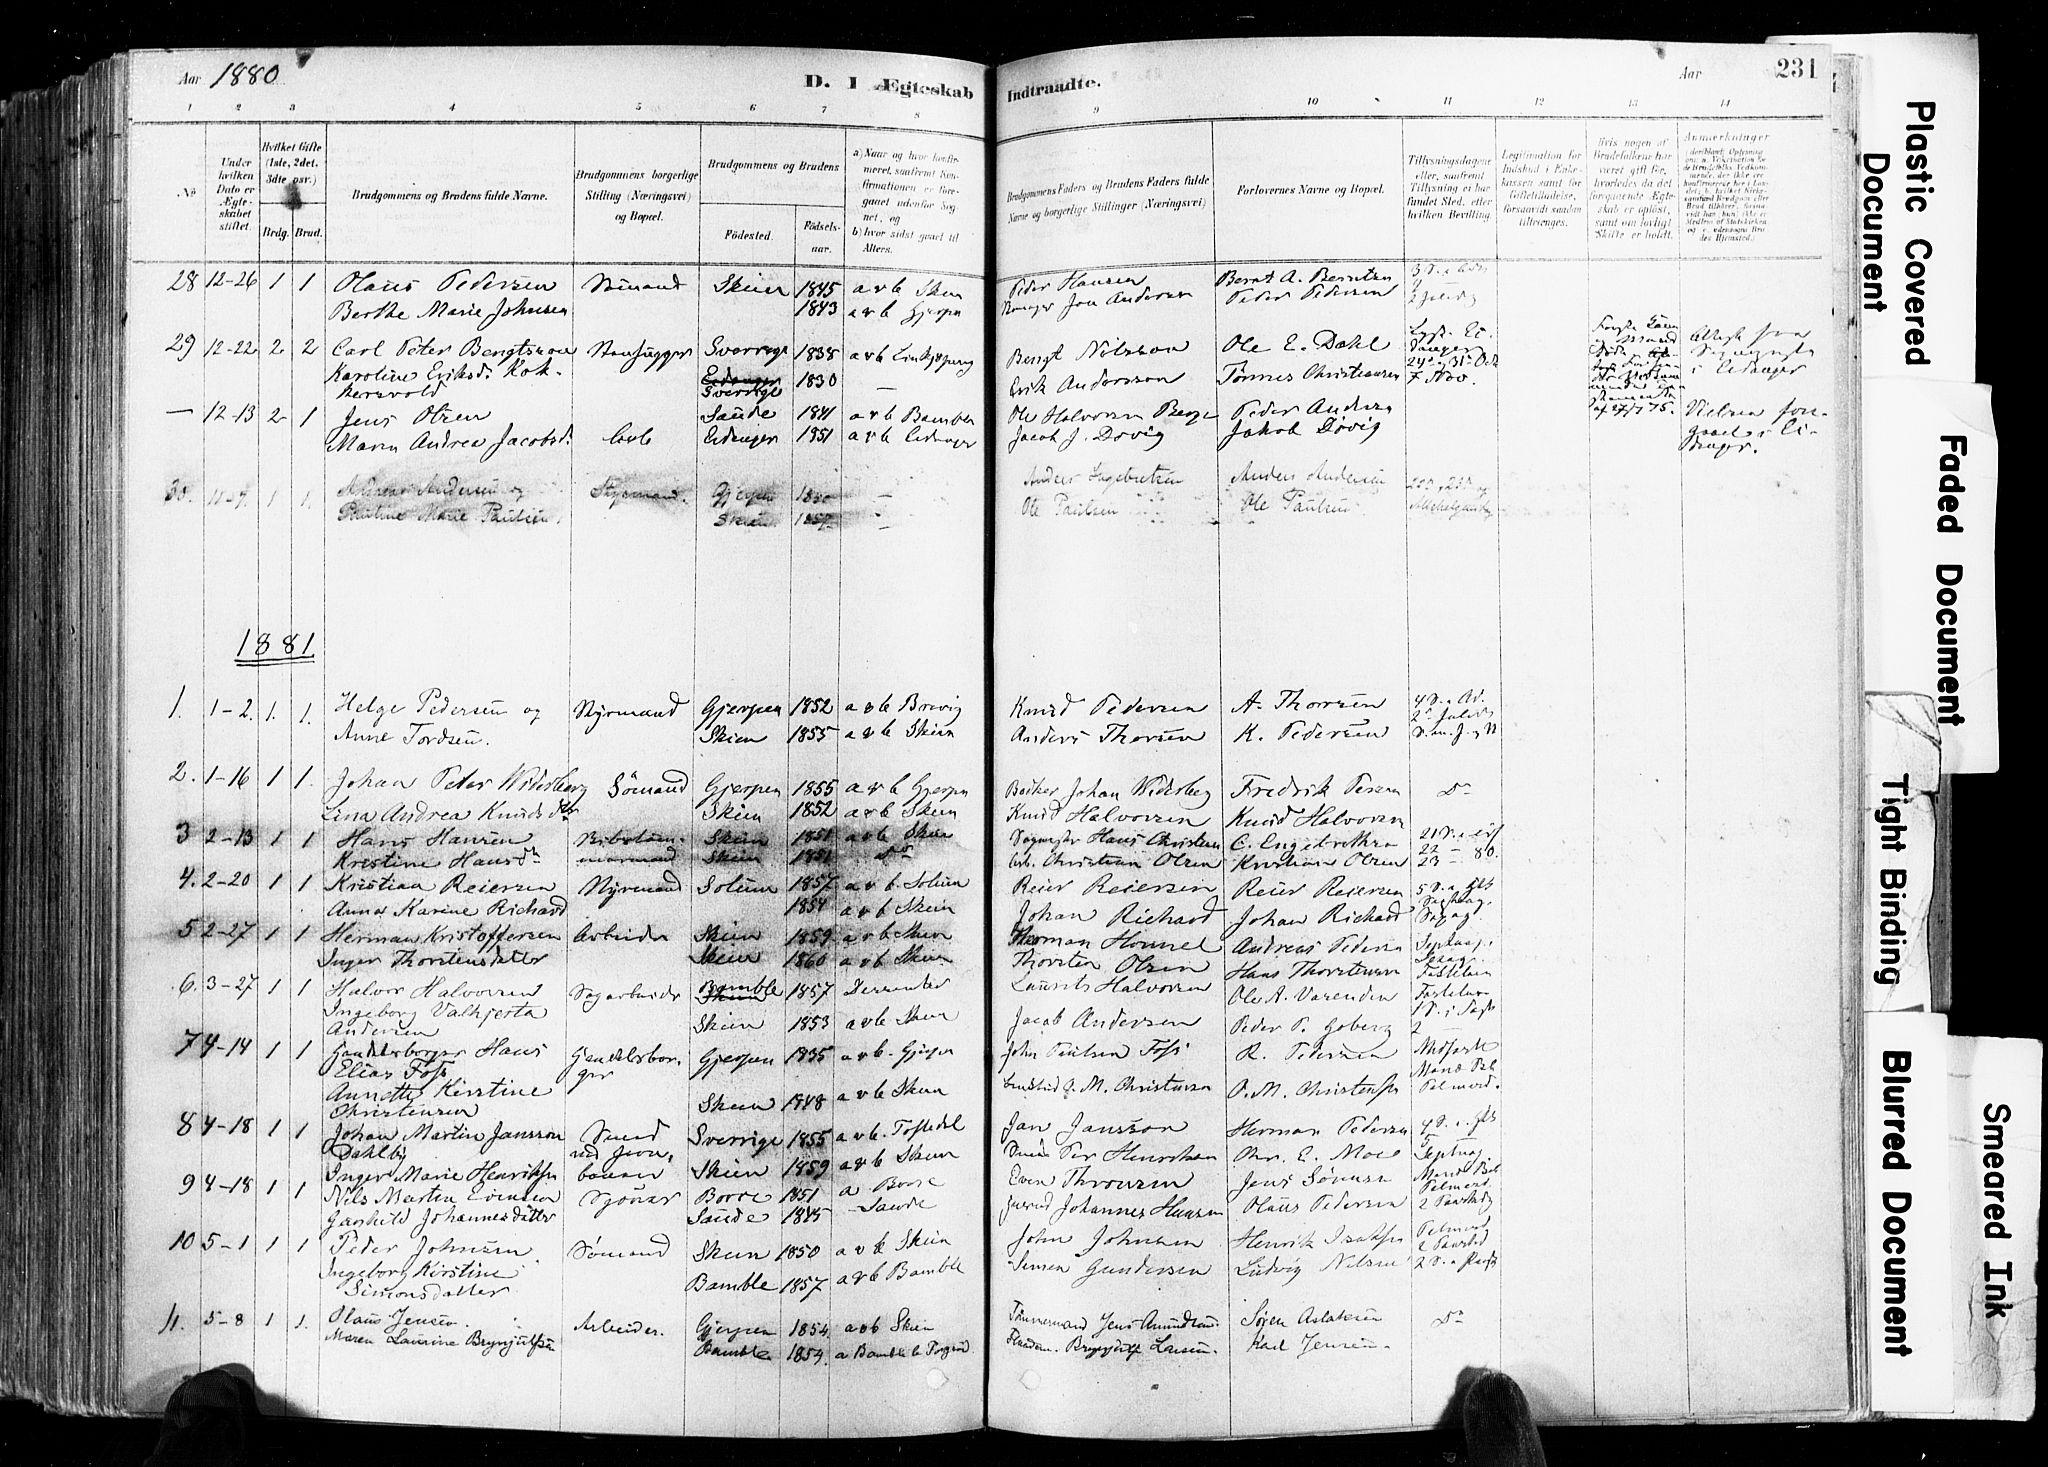 SAKO, Skien kirkebøker, F/Fa/L0009: Ministerialbok nr. 9, 1878-1890, s. 231